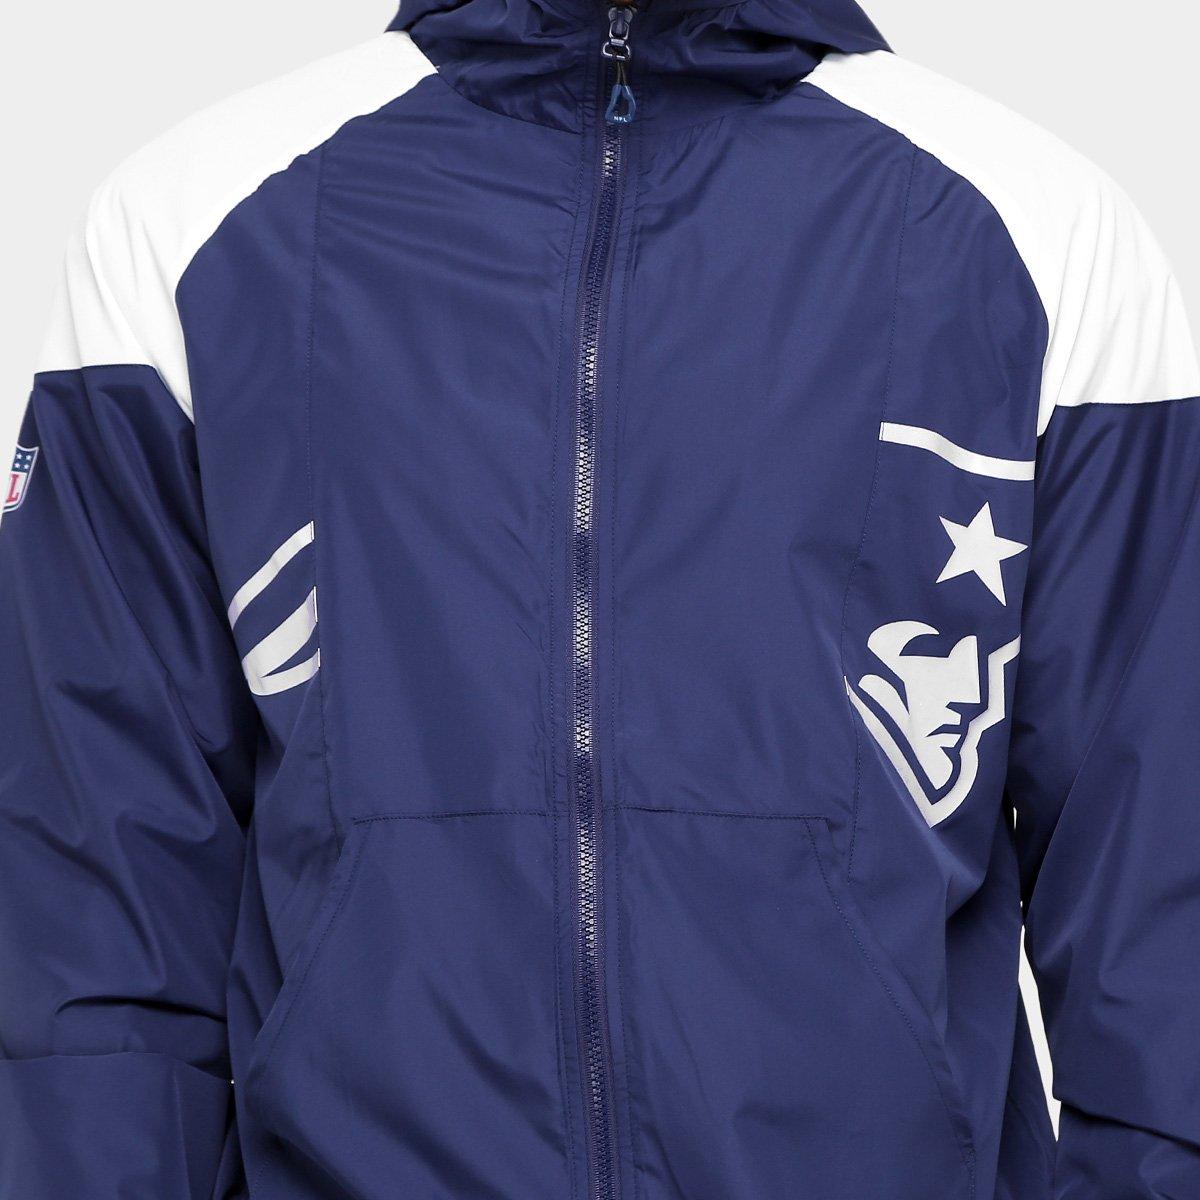 ... Jaqueta New England Patriots New Era NFL Windbreaker Masculina ... e8a281a49b7e9